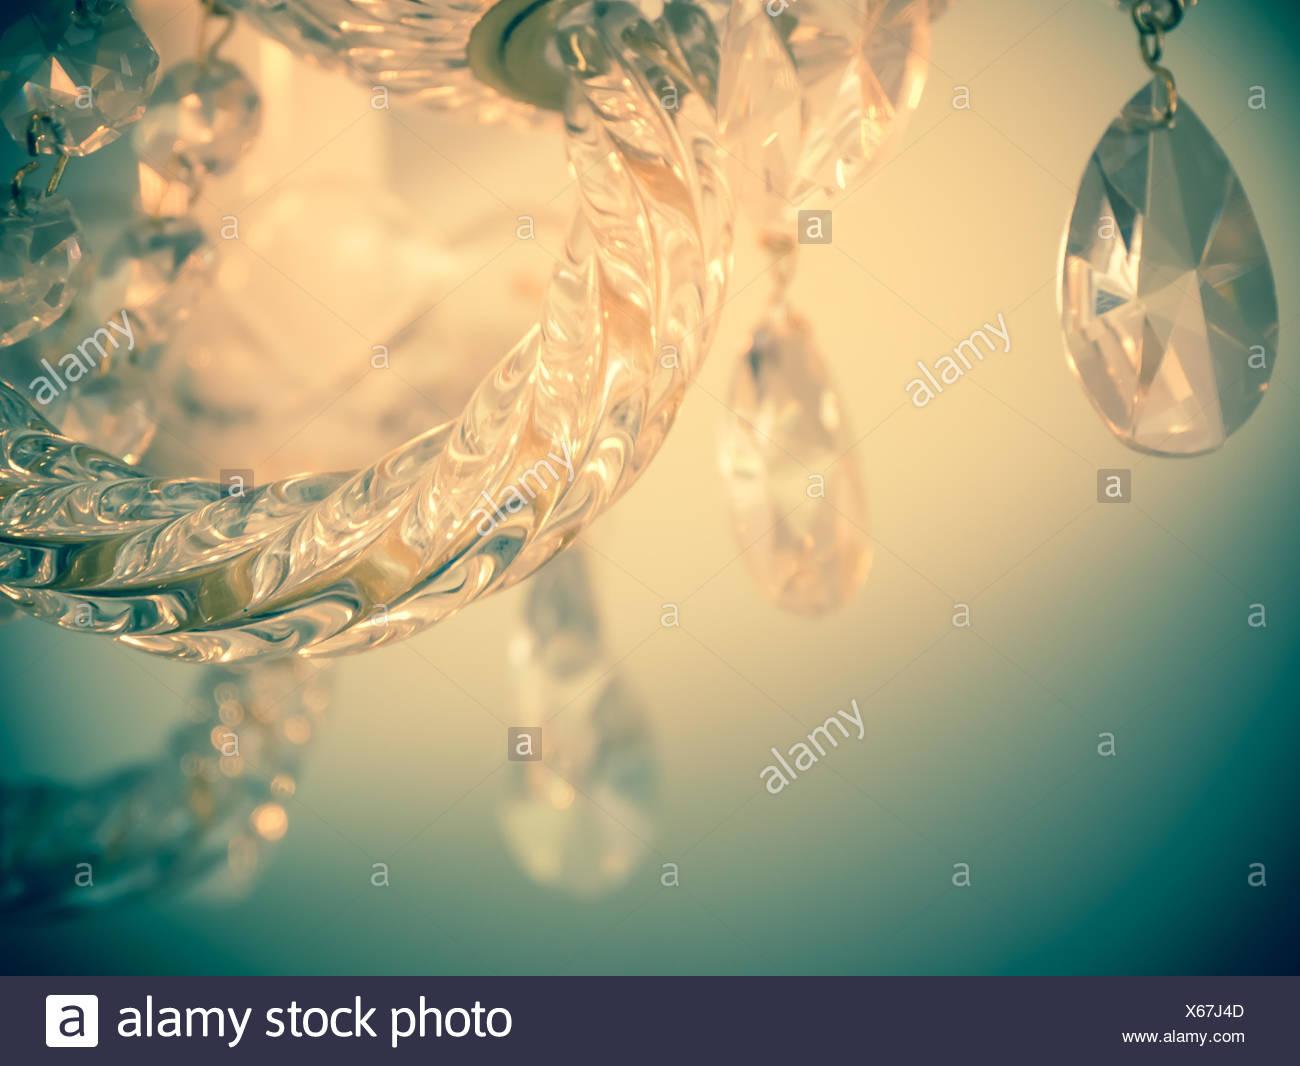 Quiet room chandelier,cross processed colors. - Stock Image